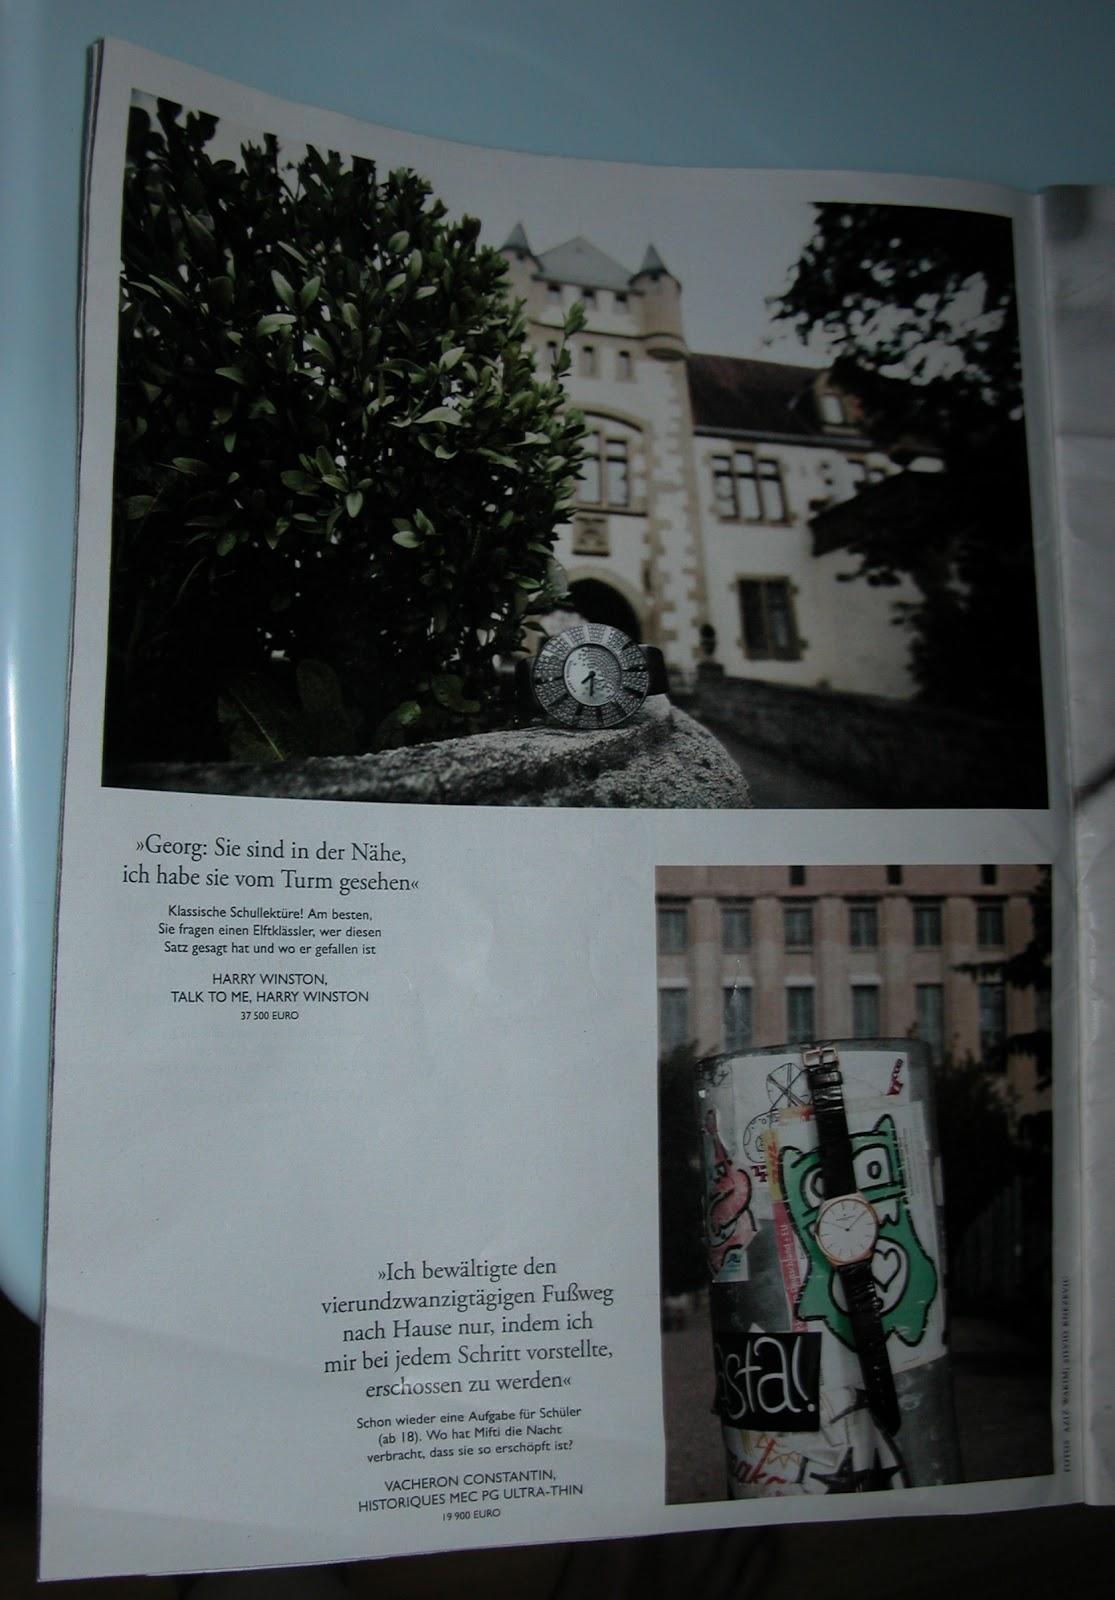 Eine sehr teure Armabanduhr vor dem Berghain im Zeit Magazin